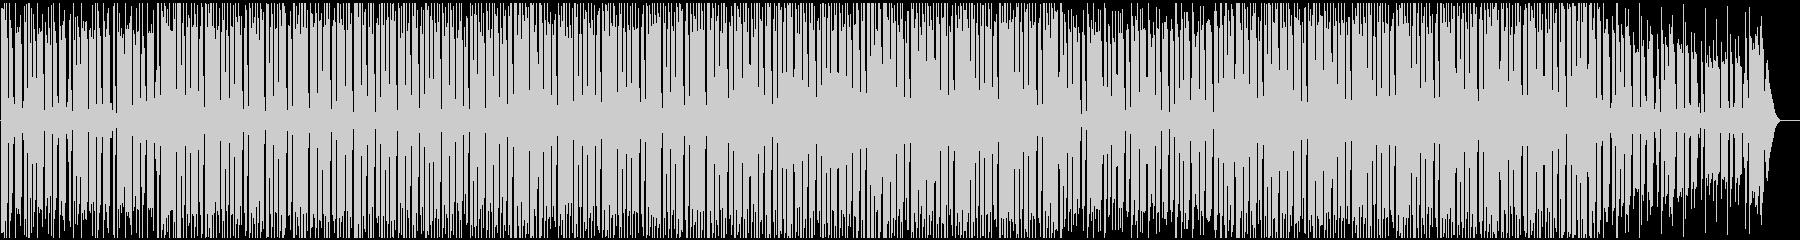 ニュースの裏で流れるようなハウスBGMの未再生の波形